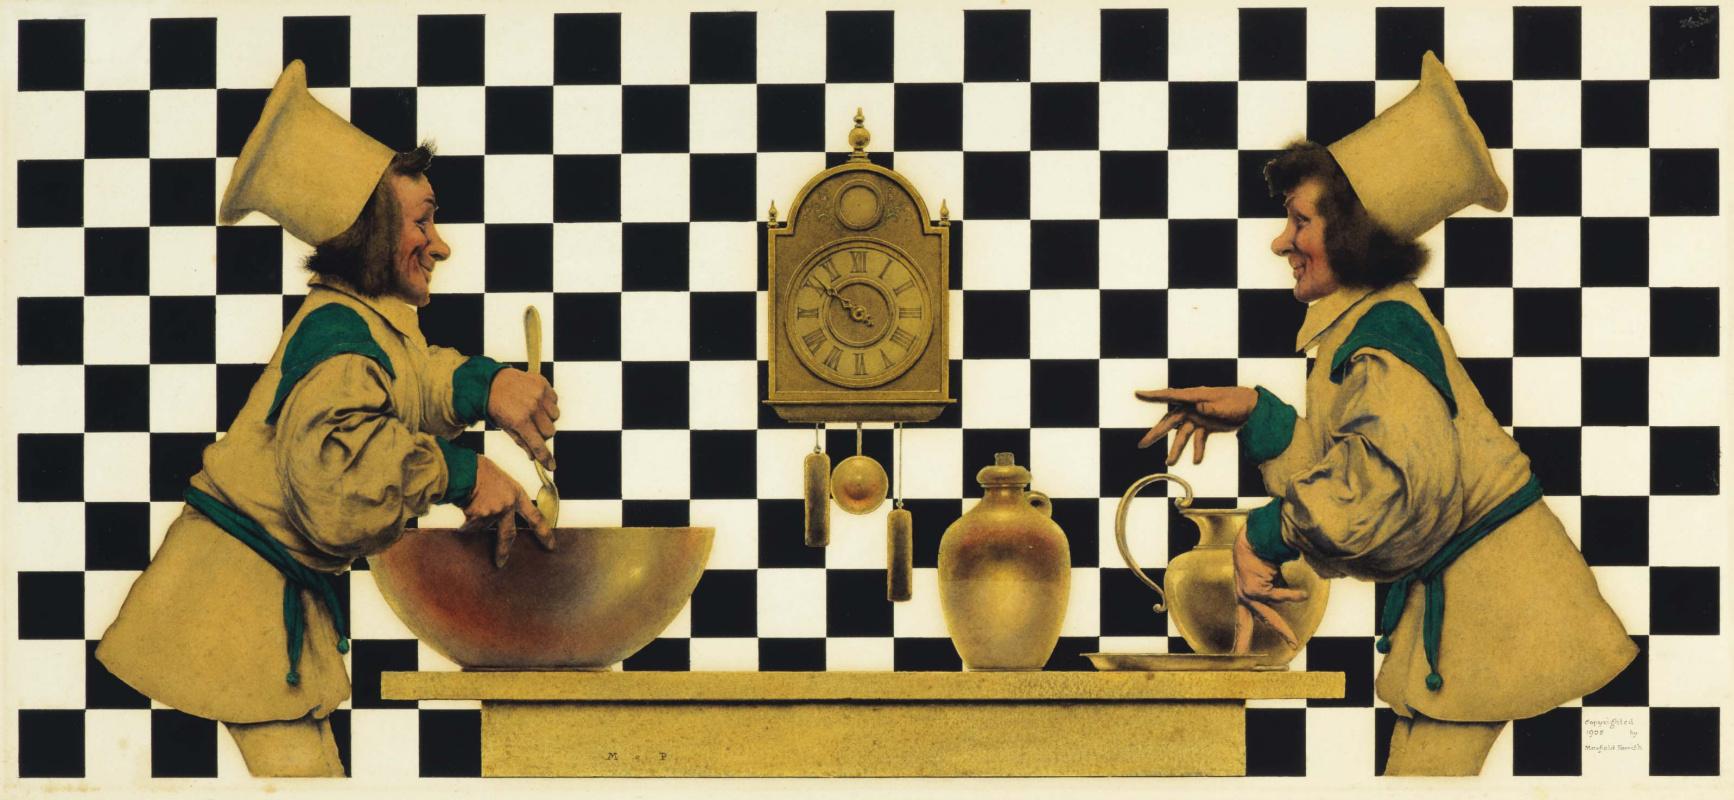 """Максфилд Пэрриш. """"Валет червей"""". Шахматный стол"""